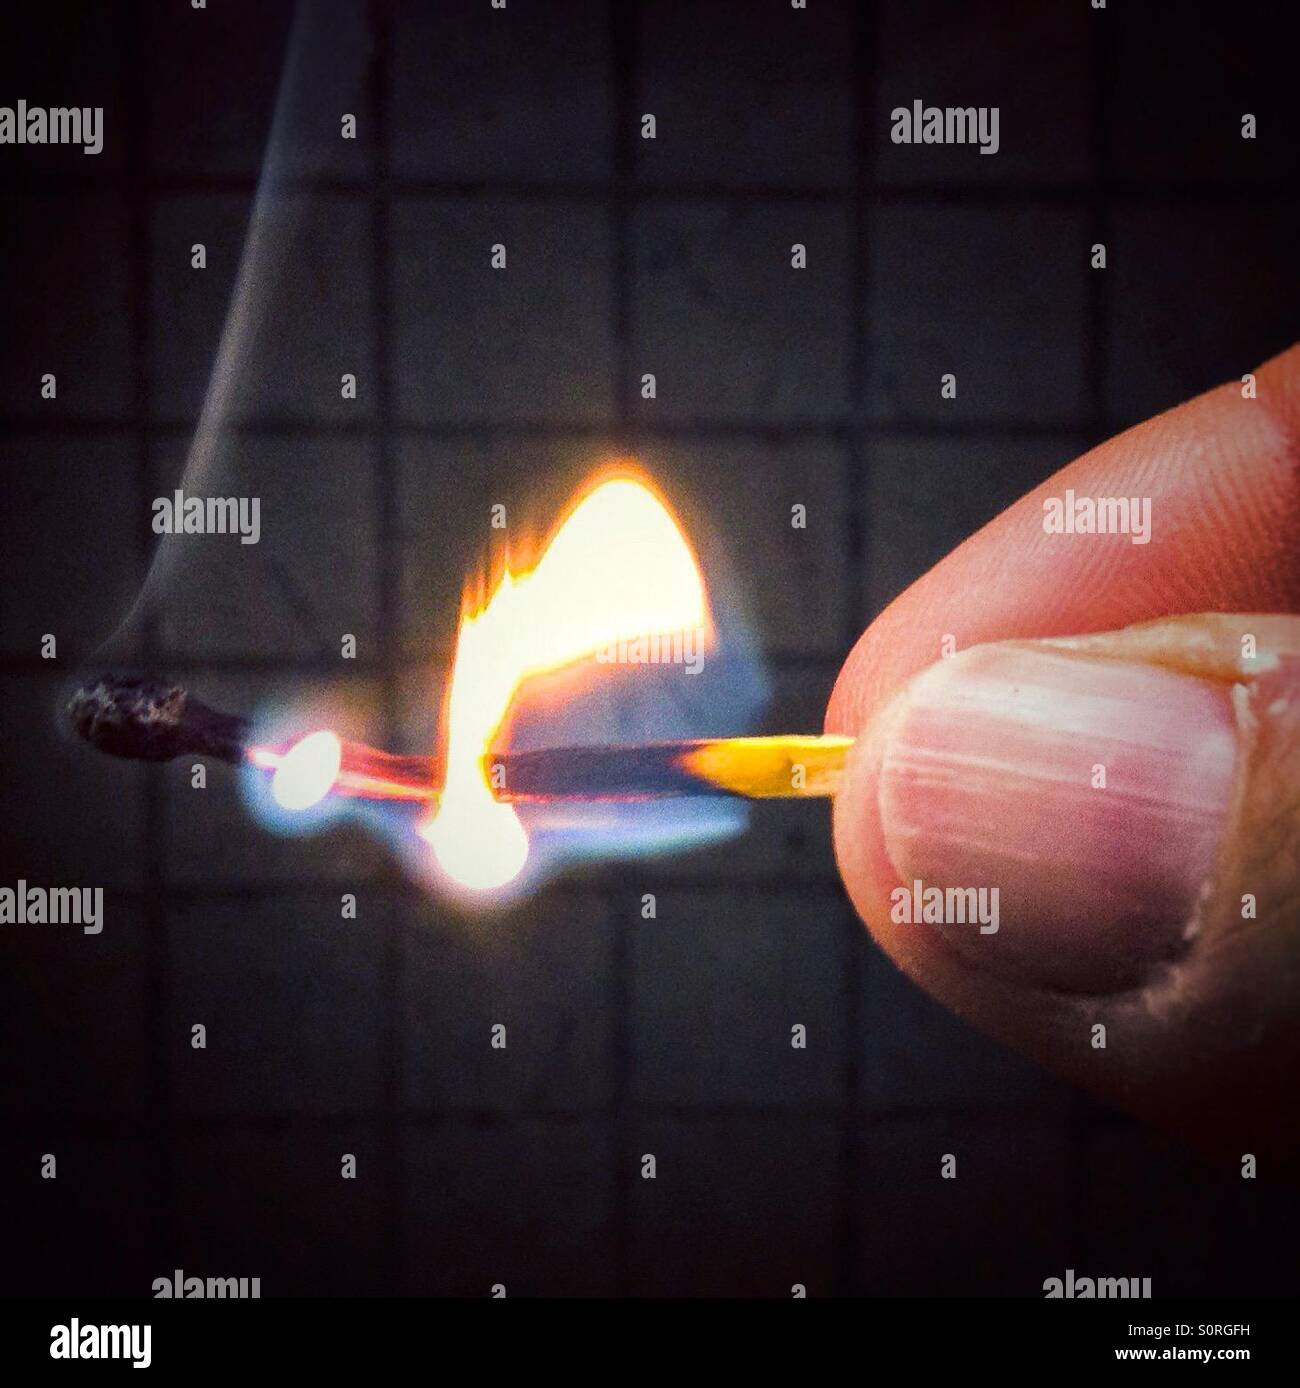 Hand holding burning match stick - Stock Image